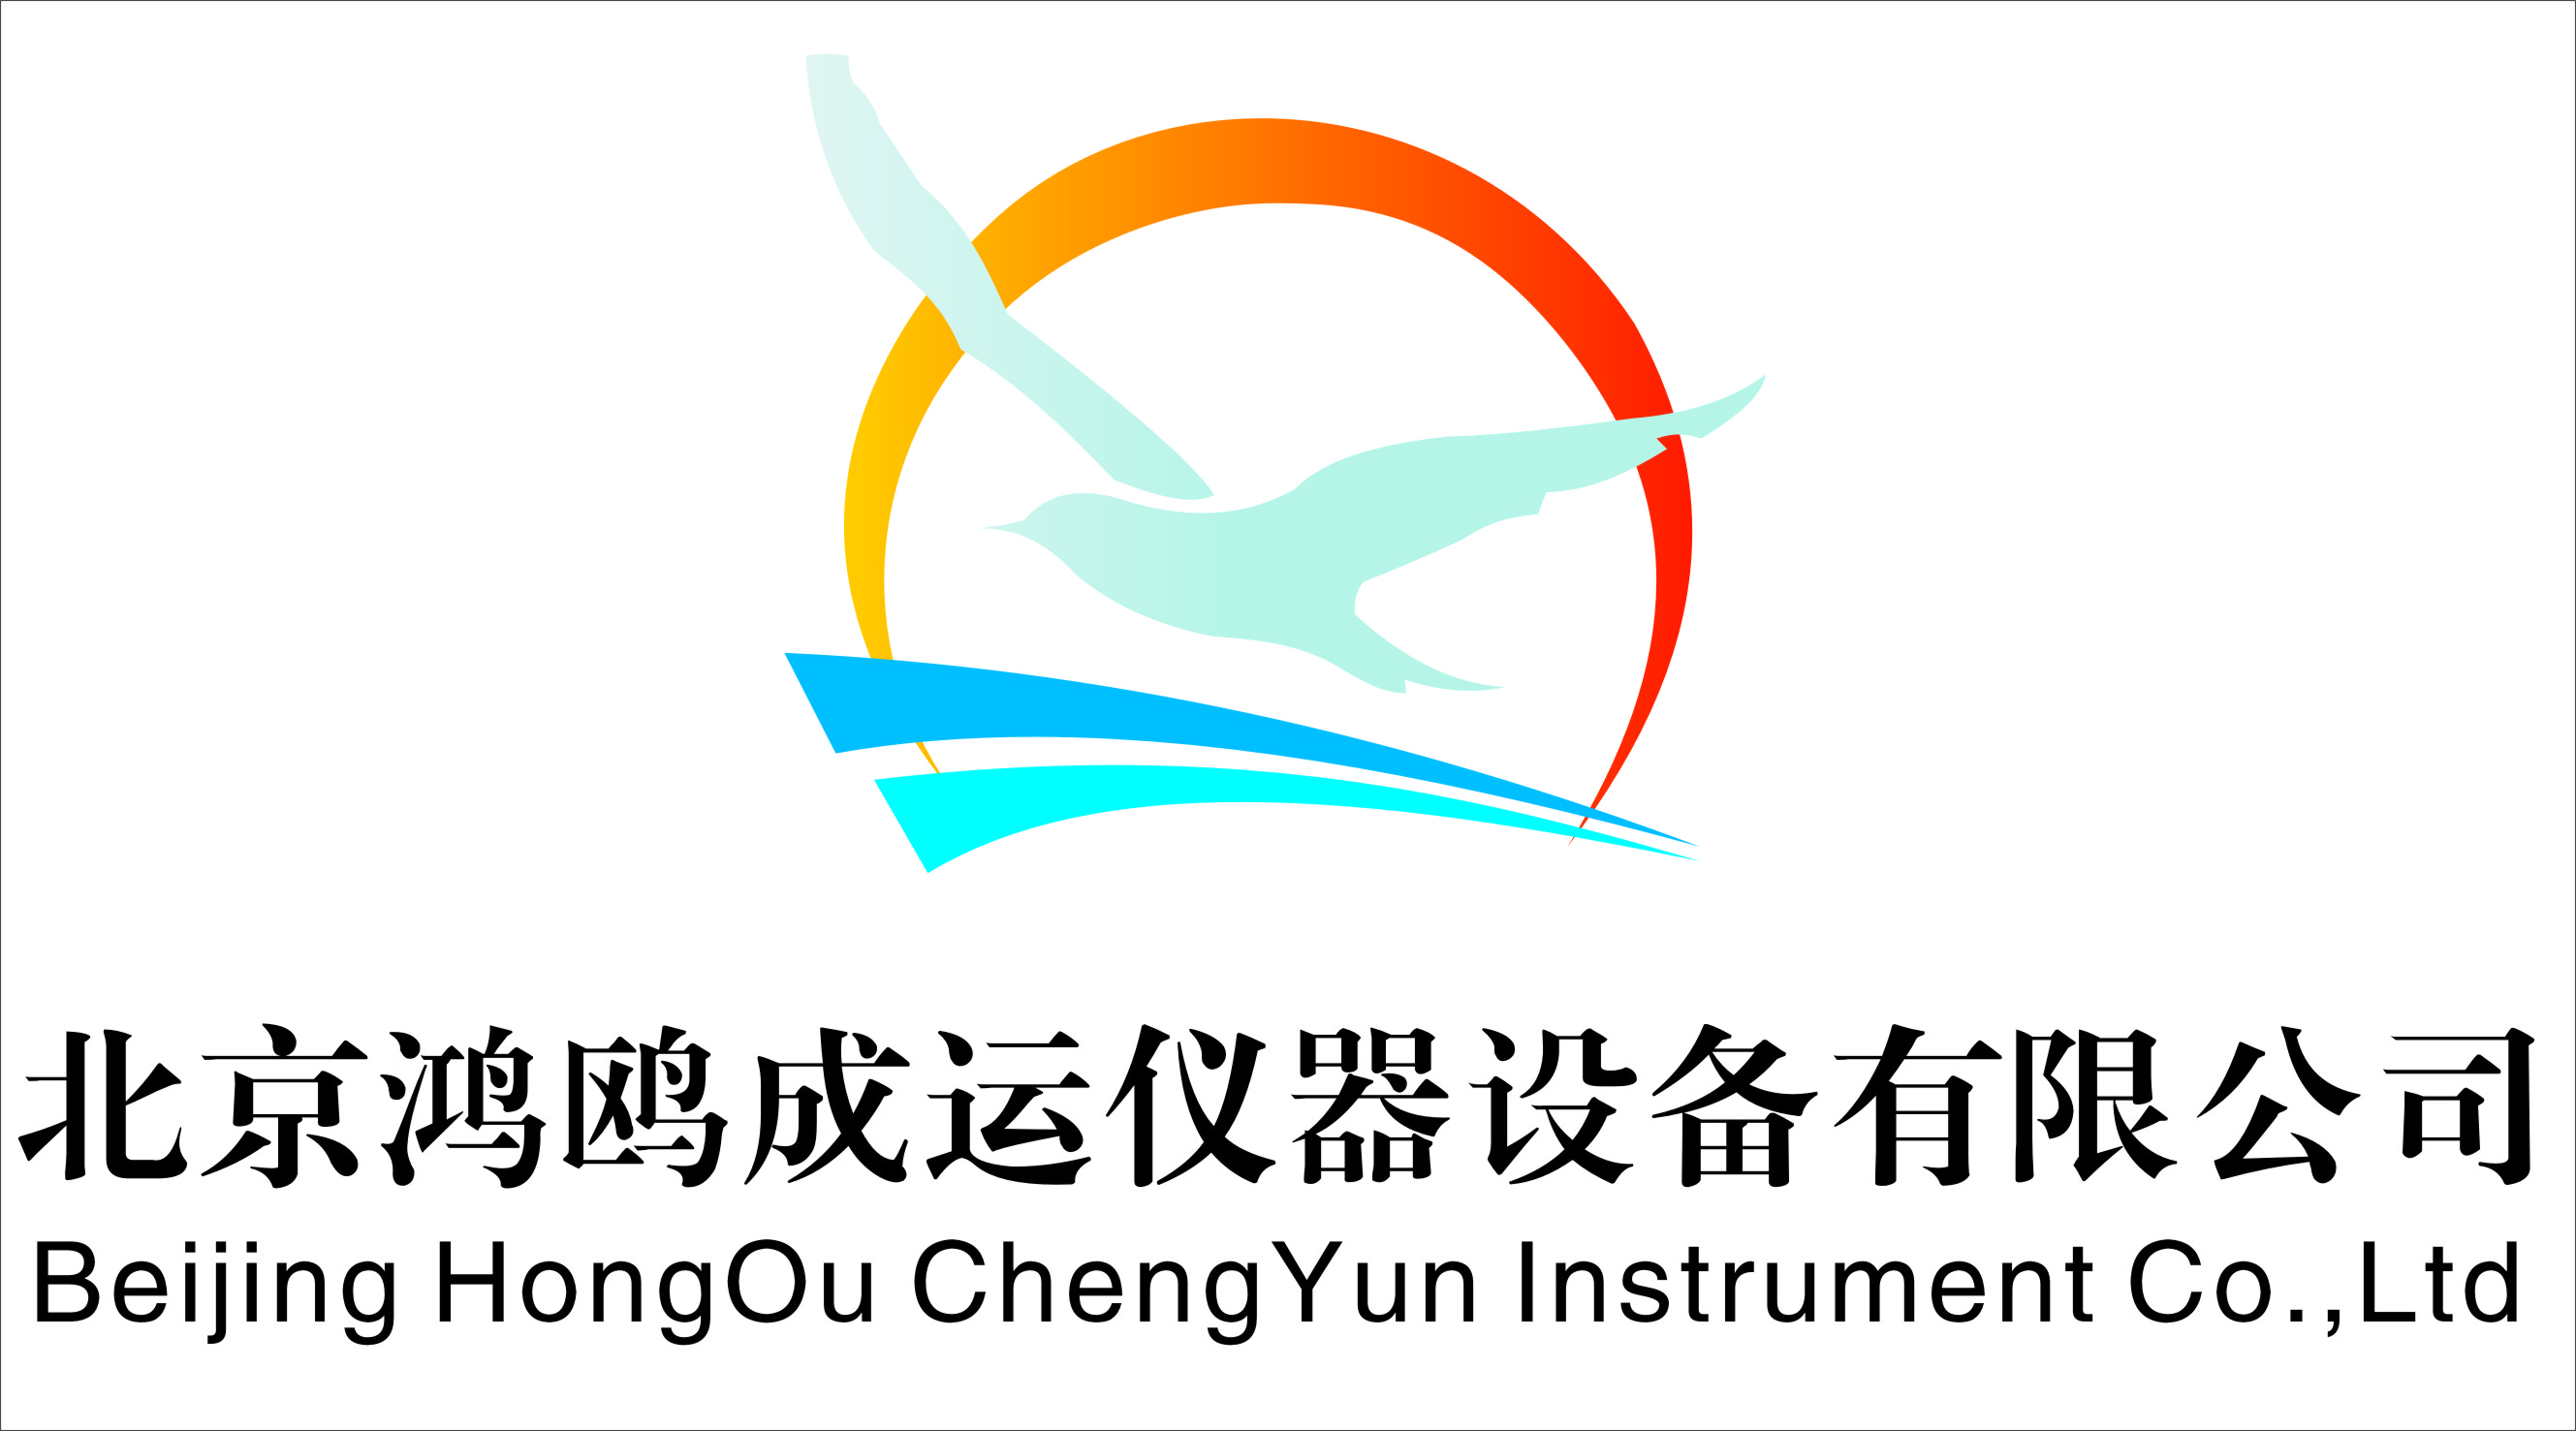 北京鴻鷗成運儀器betway必威手機版官網betway手機官網